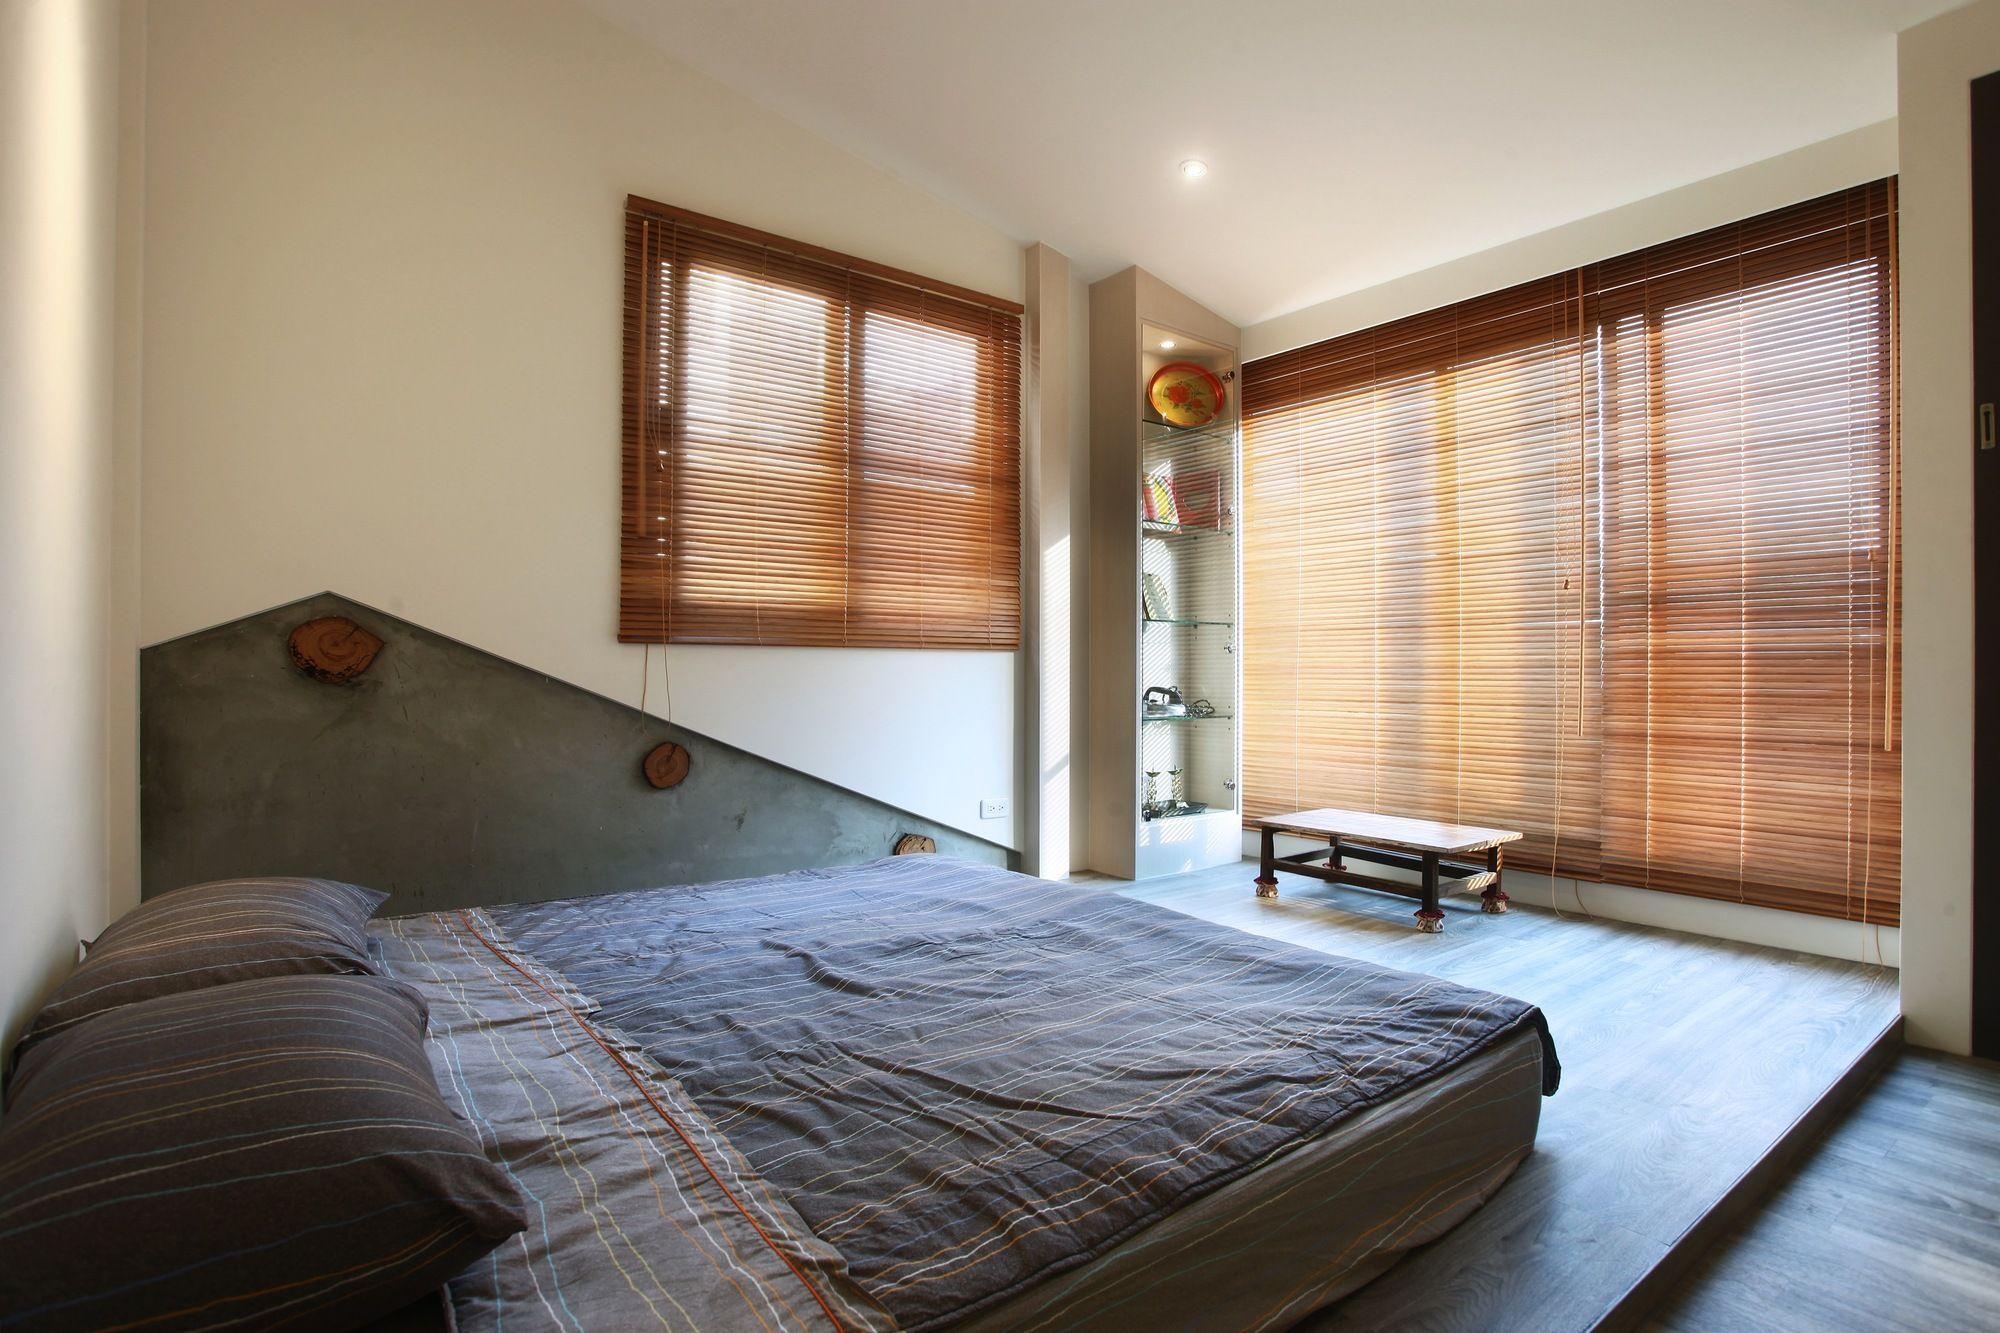 Camere Da Letto In Stile Giapponese : Camera da letto in stile giapponese fotogallery donnaclick